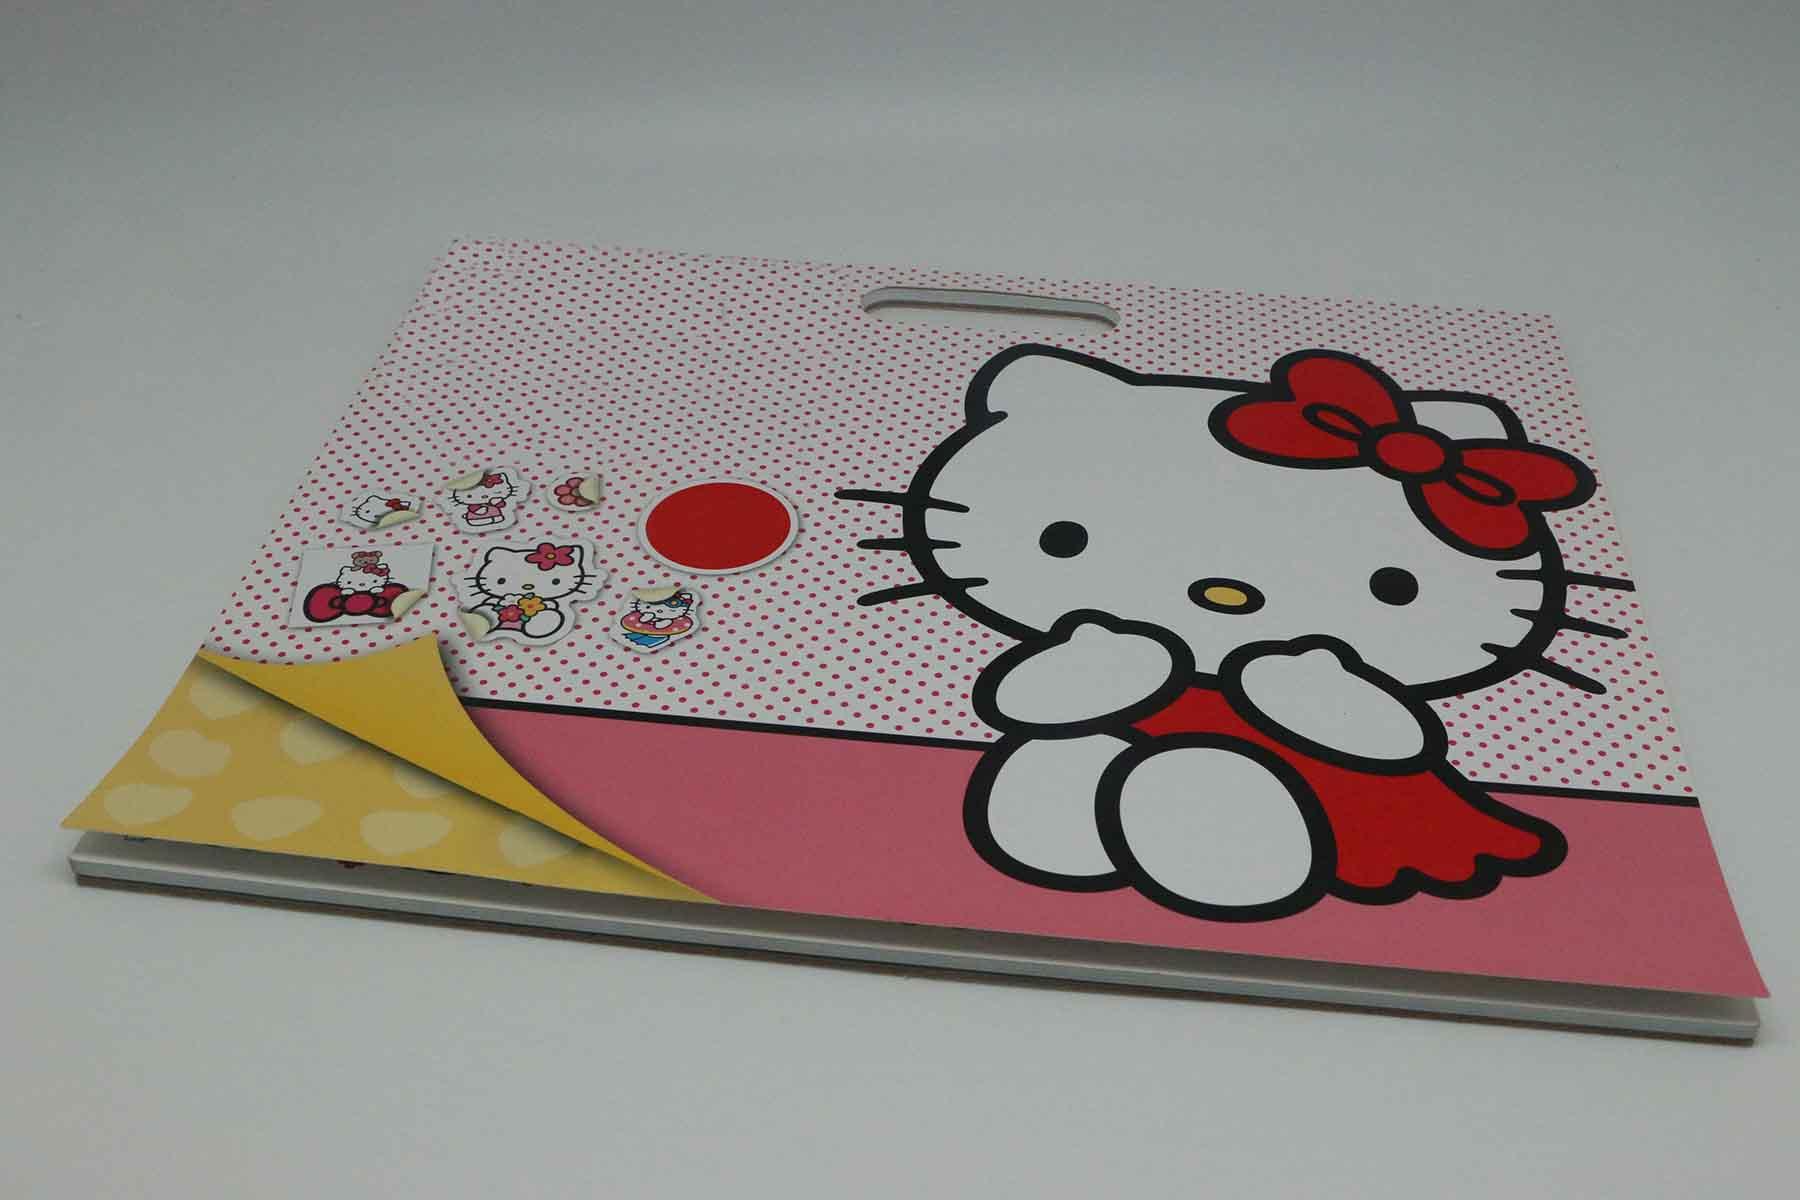 广州印刷公司 广州特种印刷画册设计